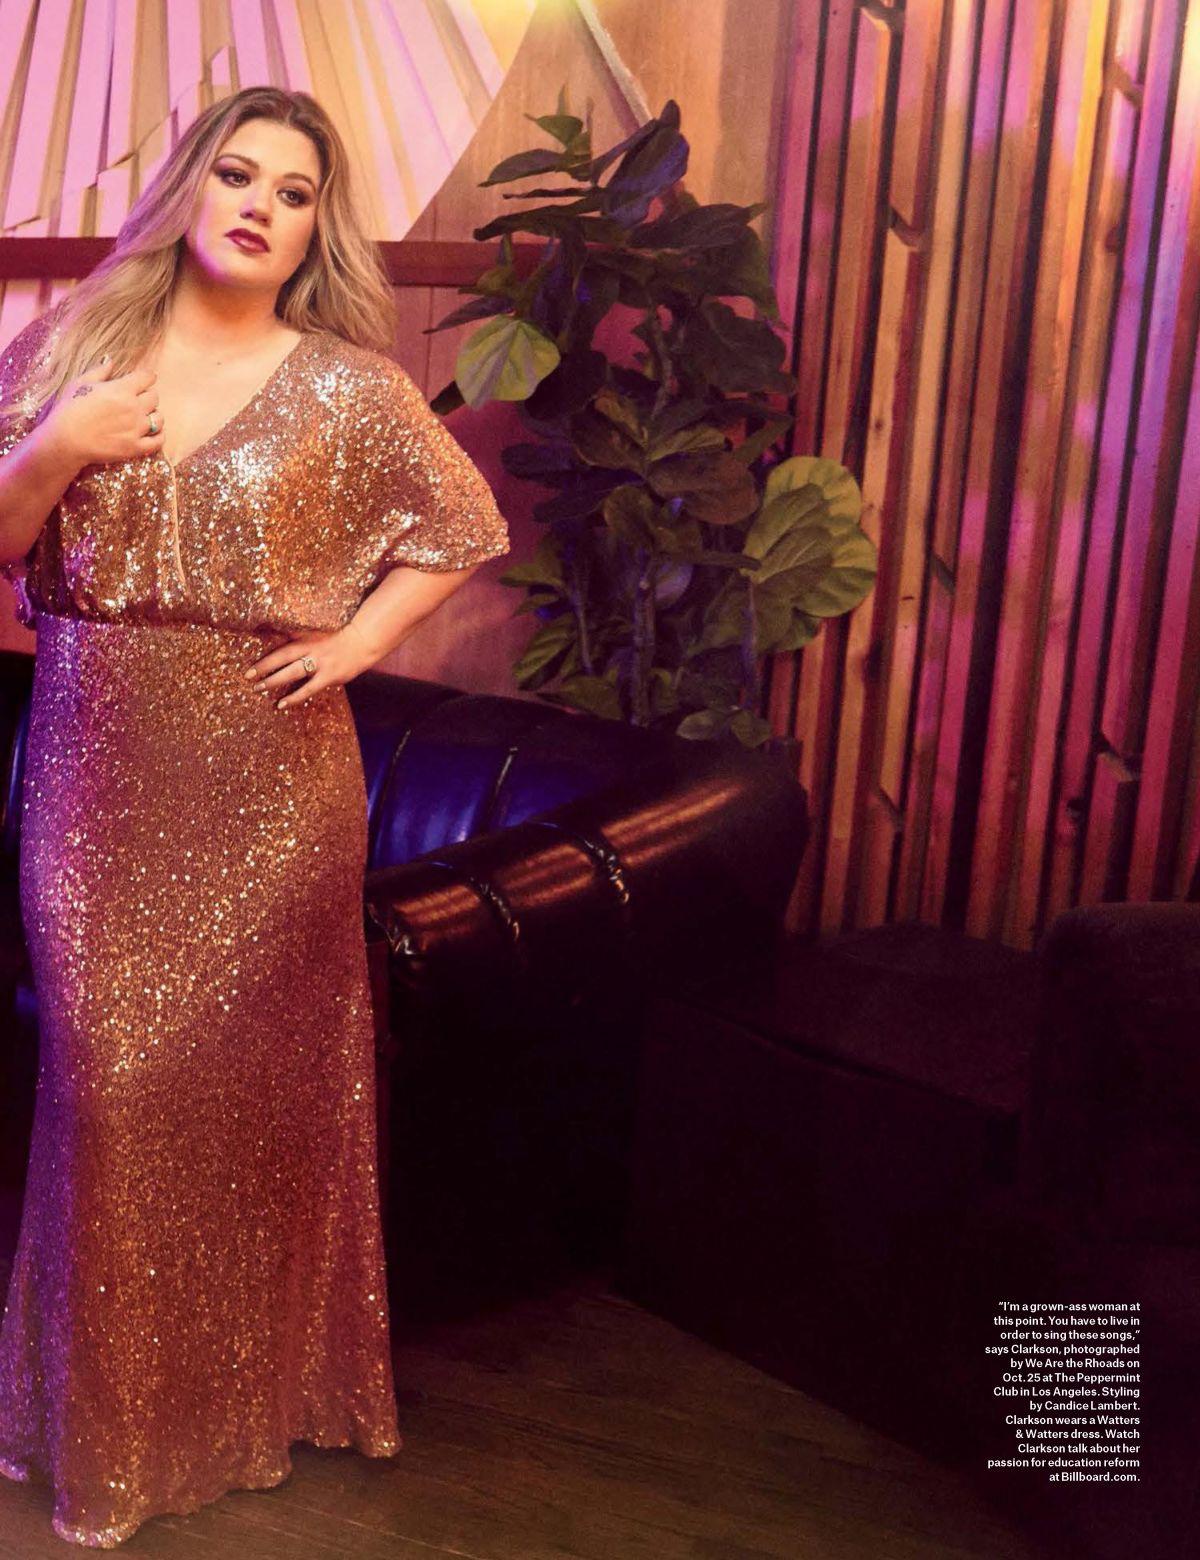 KELLY CLARKSON in Billboard Magazine, December 2017 – HawtCelebs